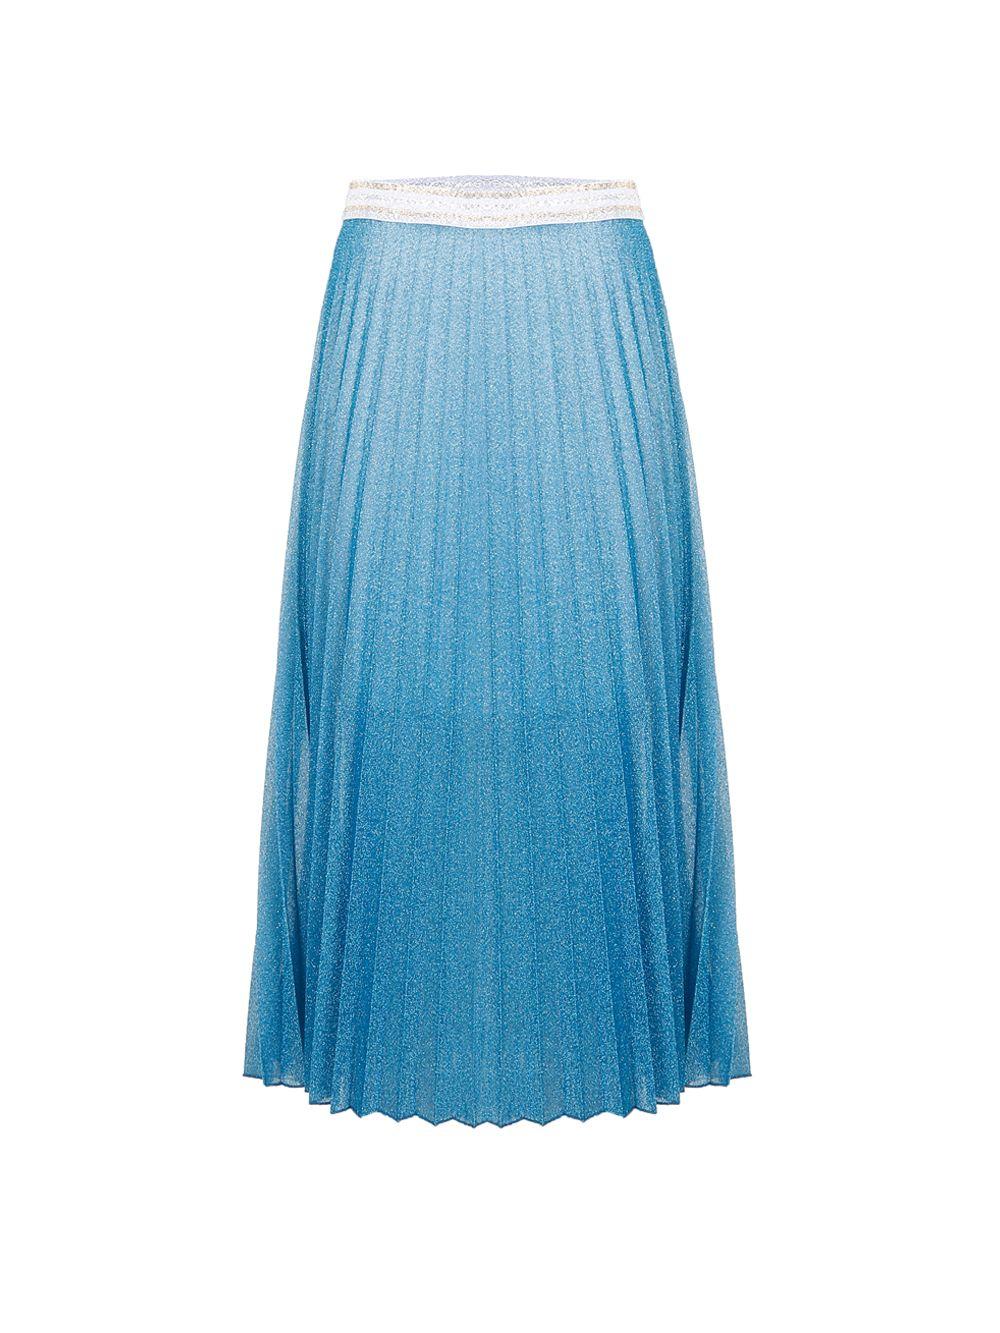 Яскра сукня плиссе Imperial